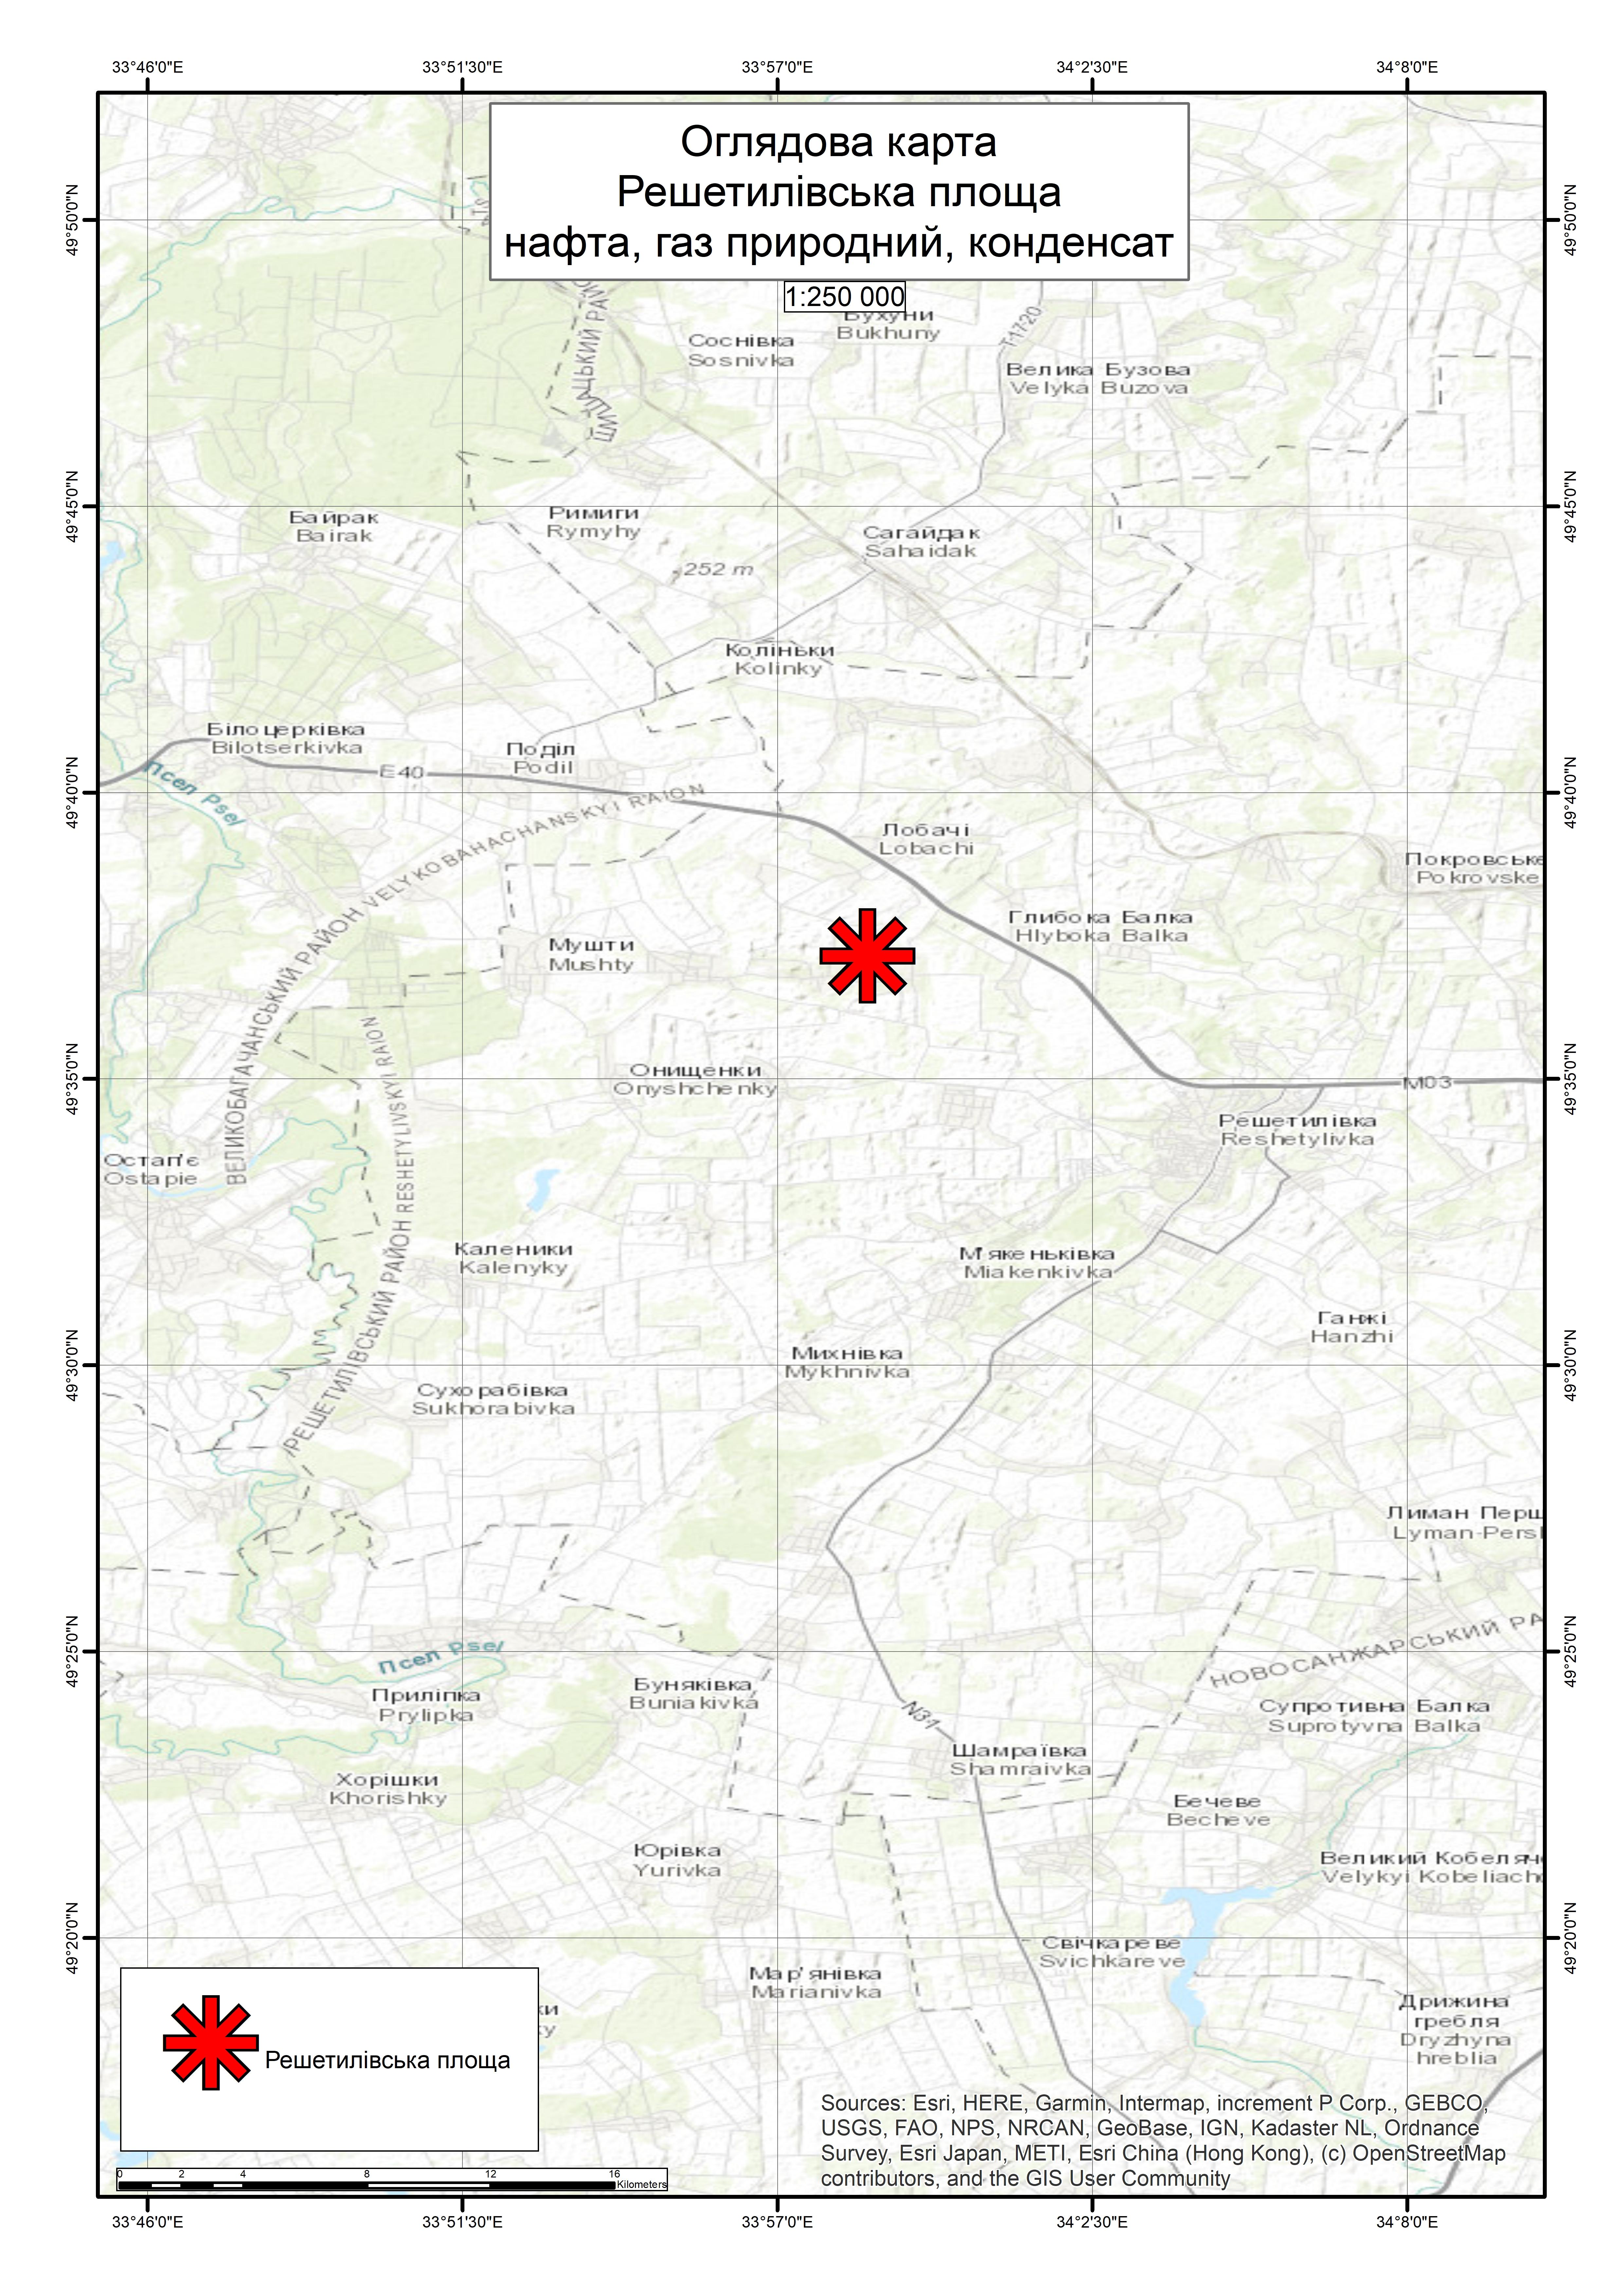 Спеціальний дозвіл на користування надрами – Решетилівська площа. Вартість геологічної інформації – 3 797 464,48 грн (з ПДВ). Вартість пакету аукціонної документації – 69 559,78 грн (з ПДВ).